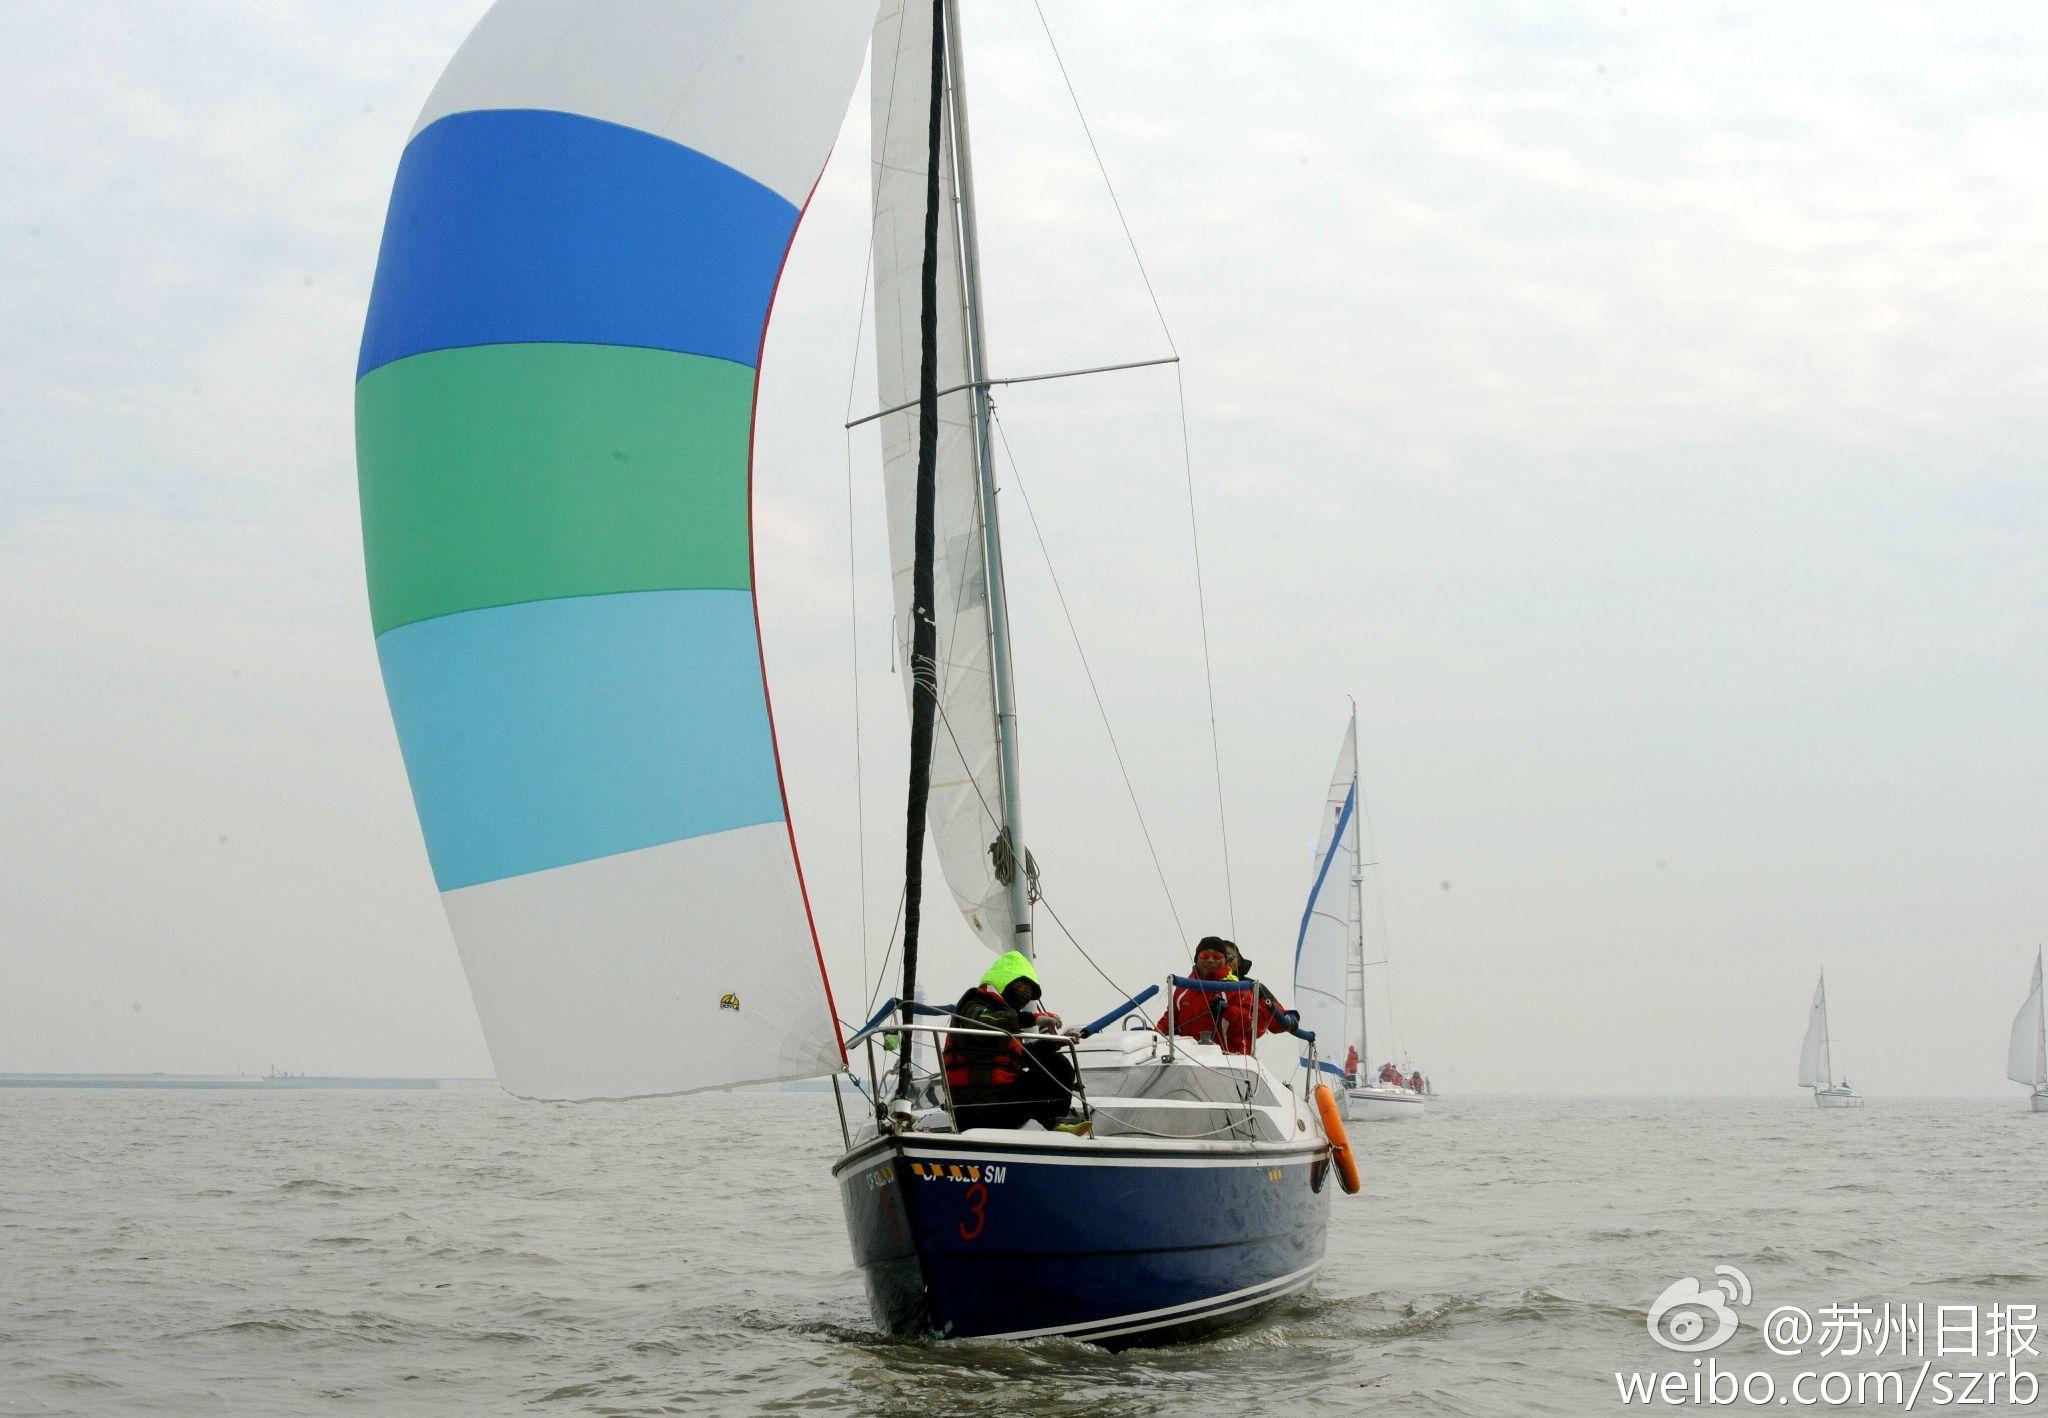 浙江湖州,江苏省,有限公司,帆船运动,卡特琳娜 太湖水域首个帆船比赛环太湖帆船拉力赛扬帆 4.jpg